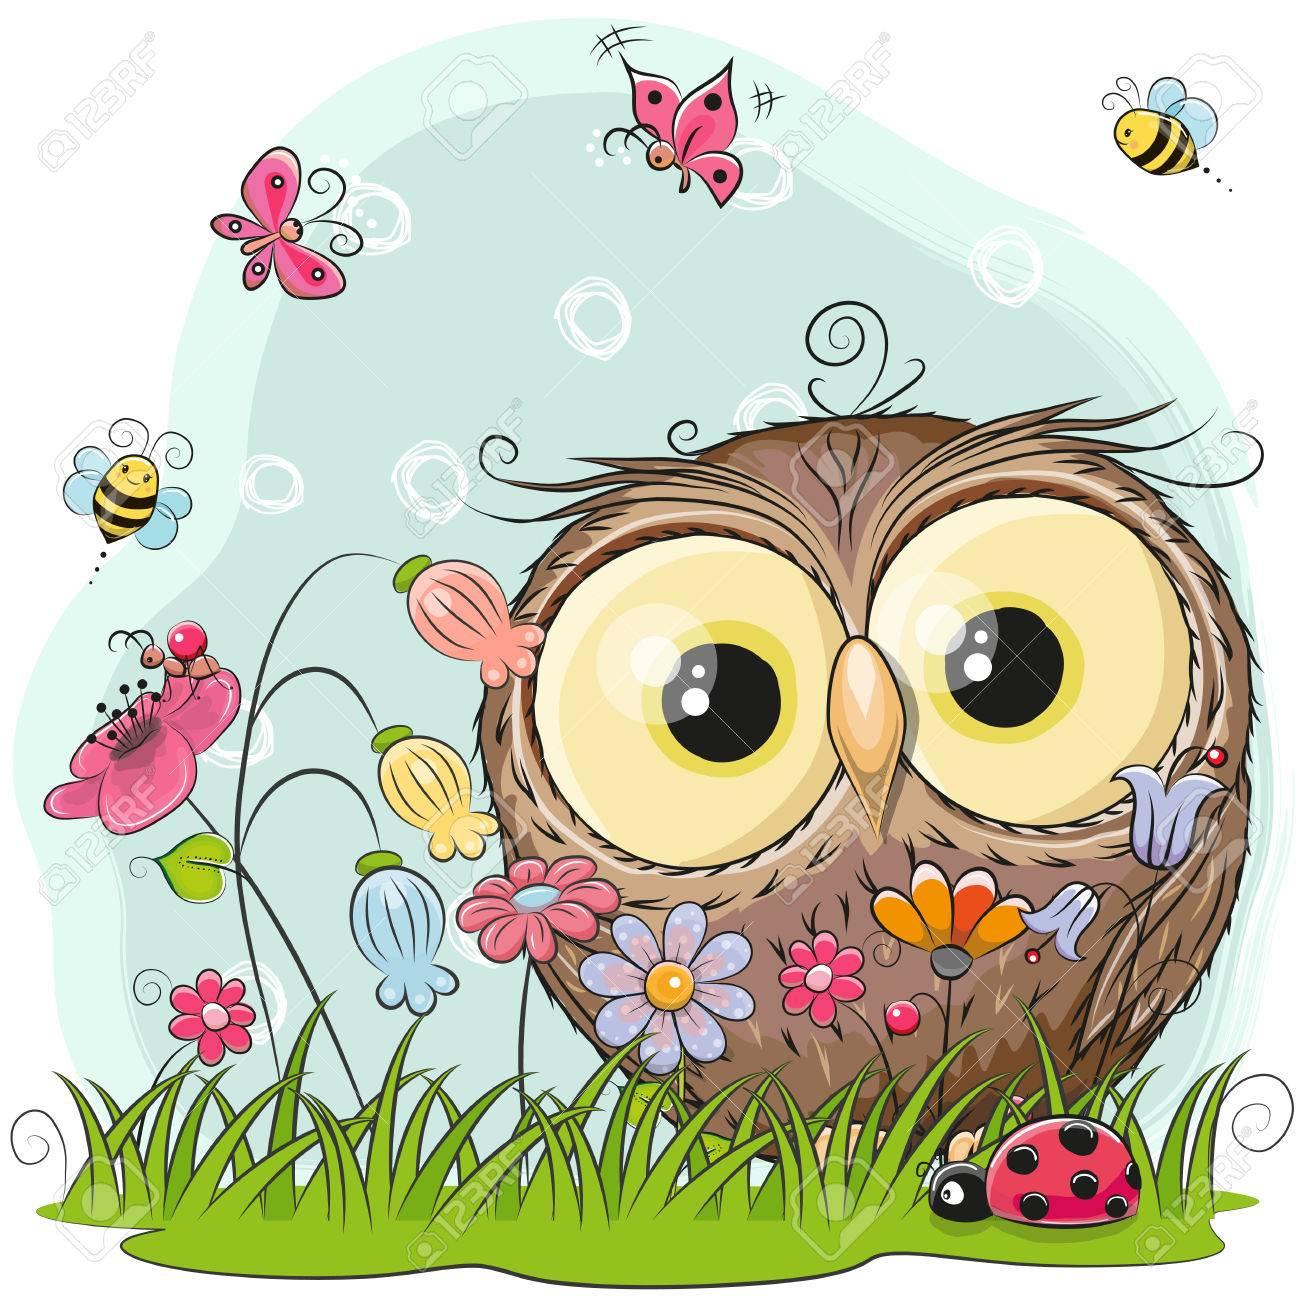 Chouette Dessin Animé Mignon Sur Une Prairie Avec Des Fleurs Et Des Papillons